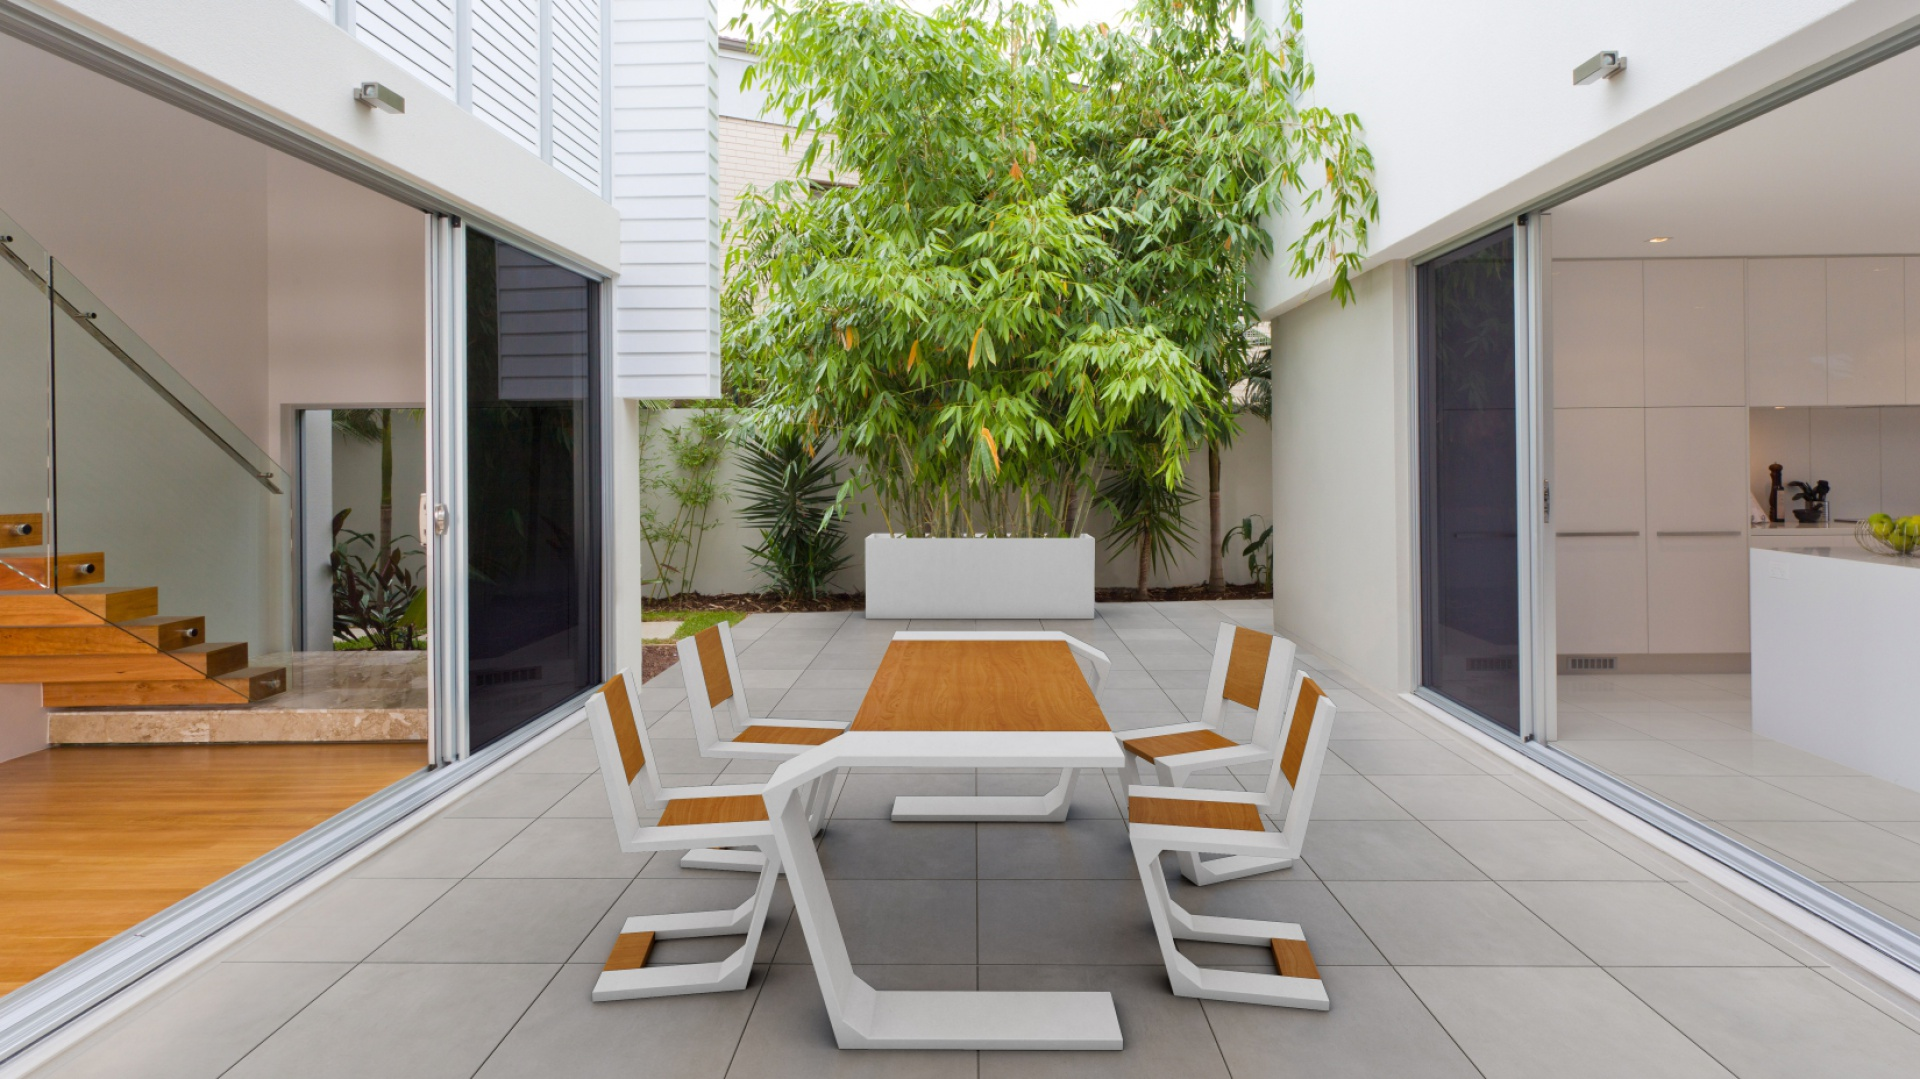 Nowoczesne płyty szczególnie dobrze wyglądają w otoczeniu nowoczesnej architektury, sprawdzając się jako nawierzchniowe uzupełnienie ogrodów i tarasów zaprojektowanych w tym stylu.Na zdjęciu: płyta z betonu architektonicznego Slim oraz kolekcja mebli Gravity (projekt J. Sojka), Modern Line